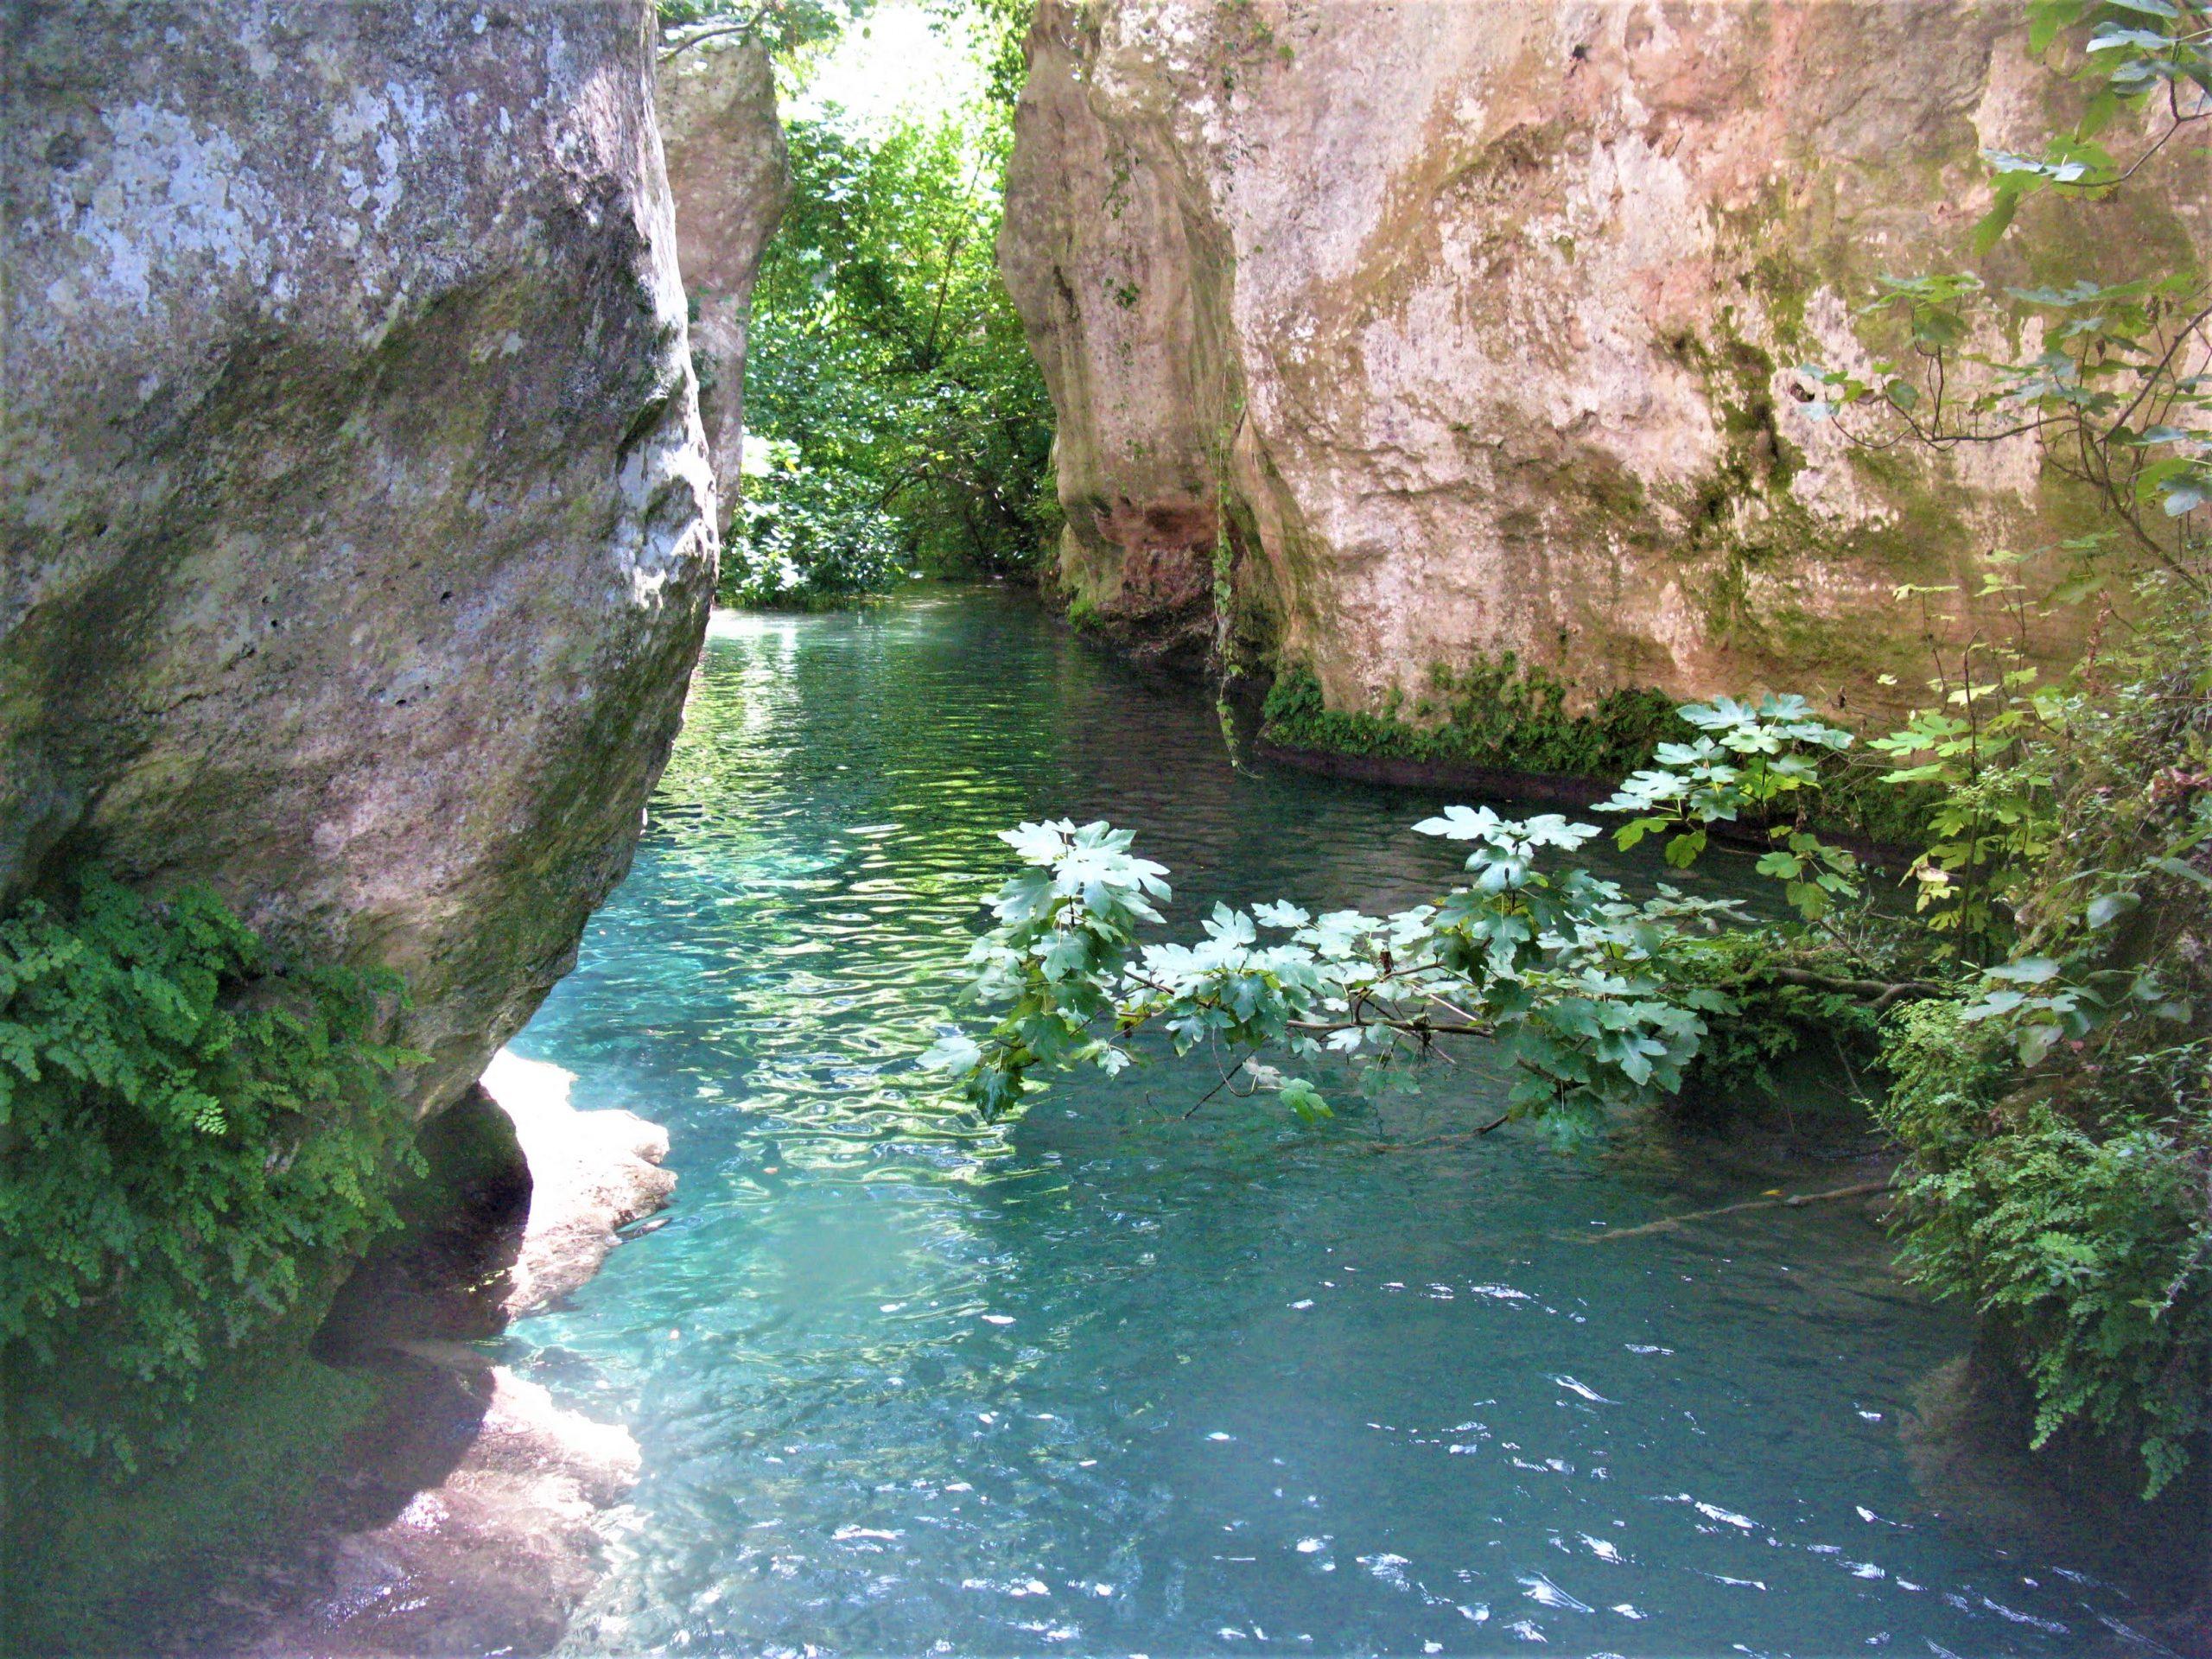 Trekking fluviale, la risalita del fiume Calcinara in Sicilia